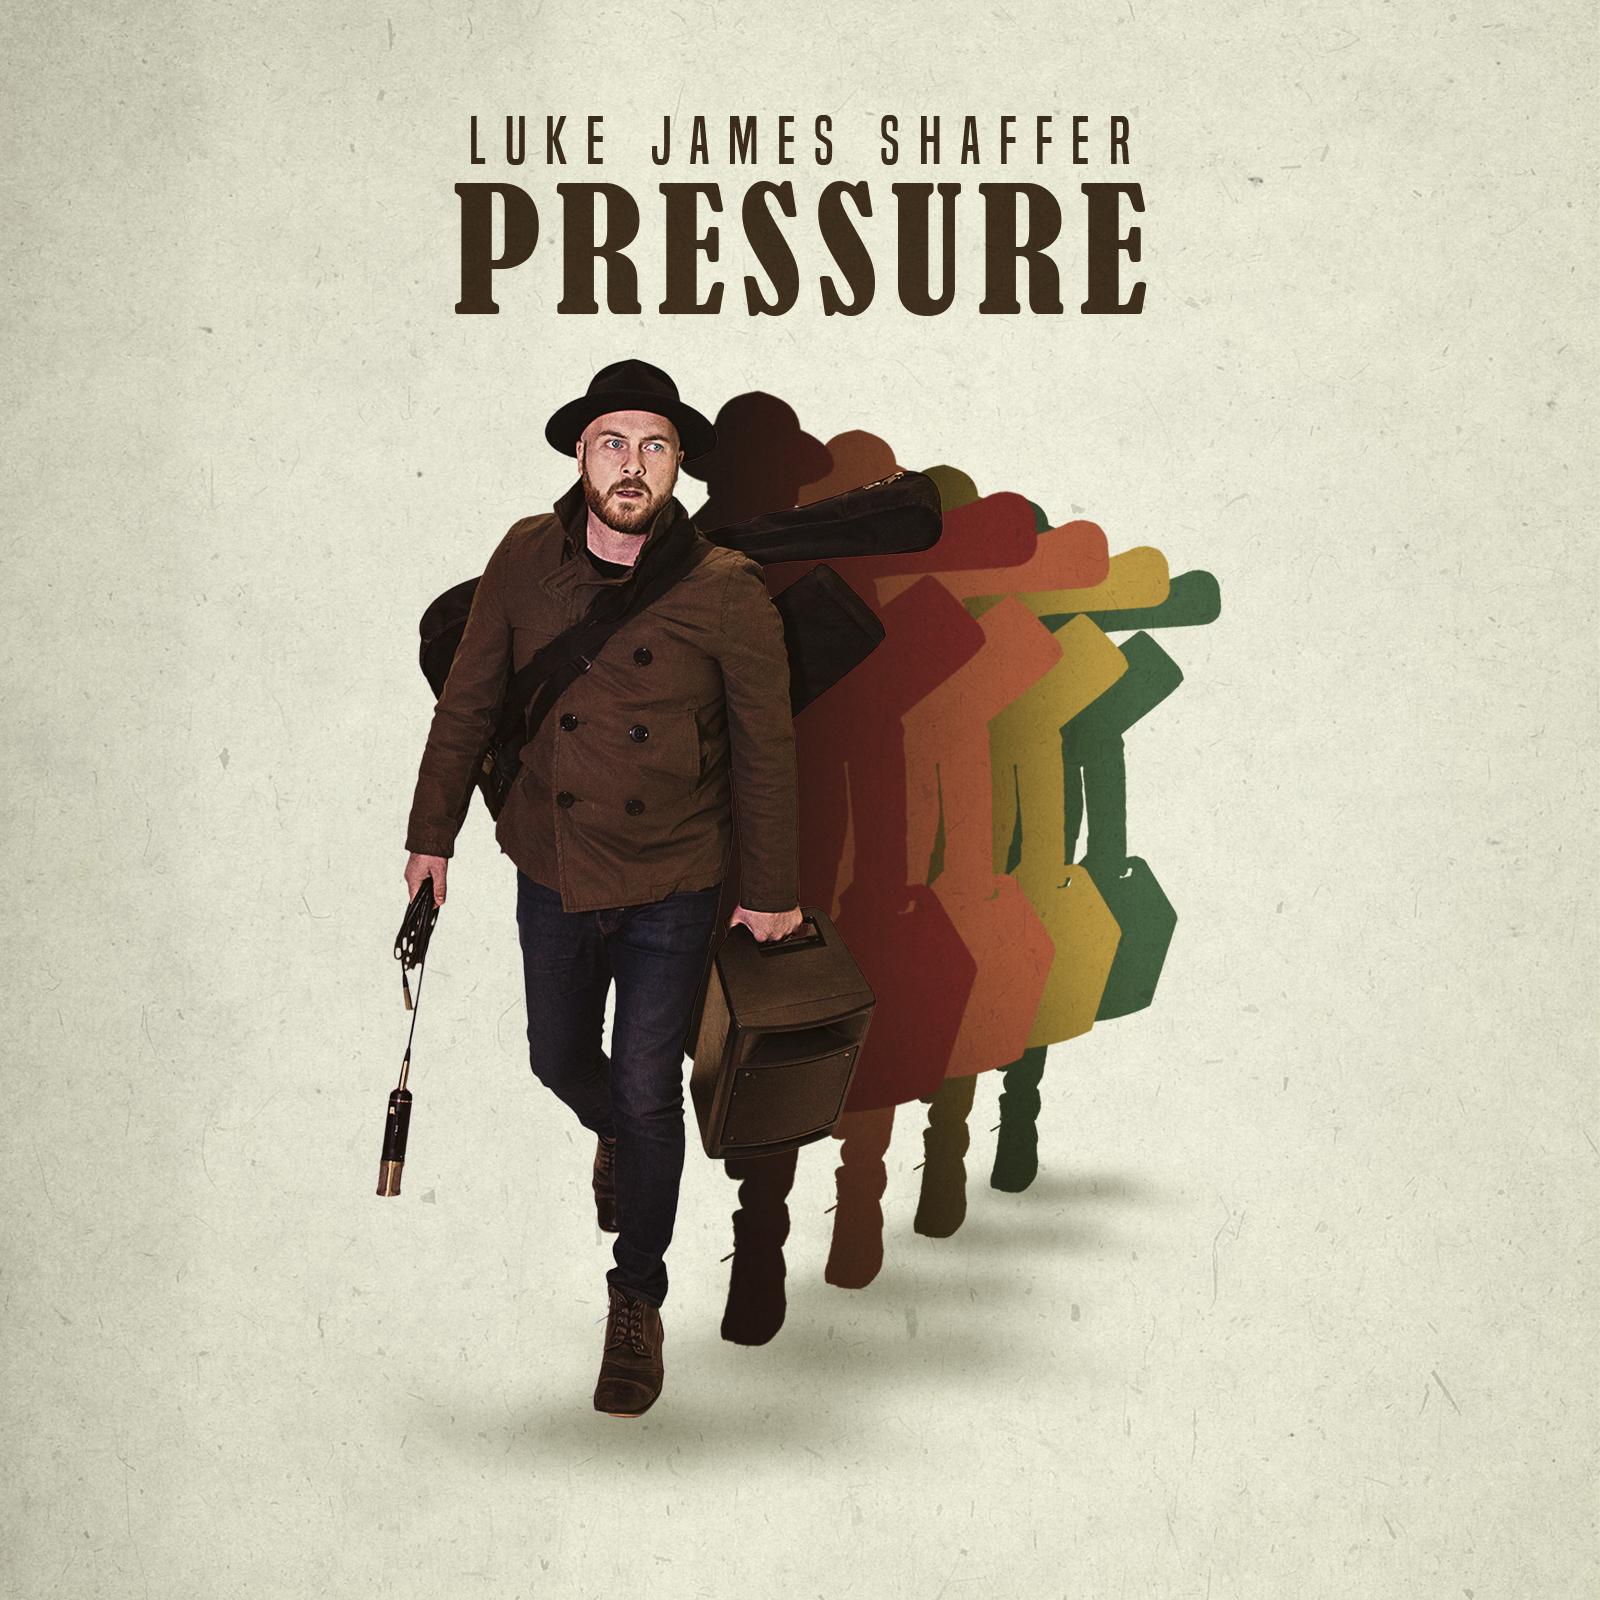 Luke James Shaffer-Pressure